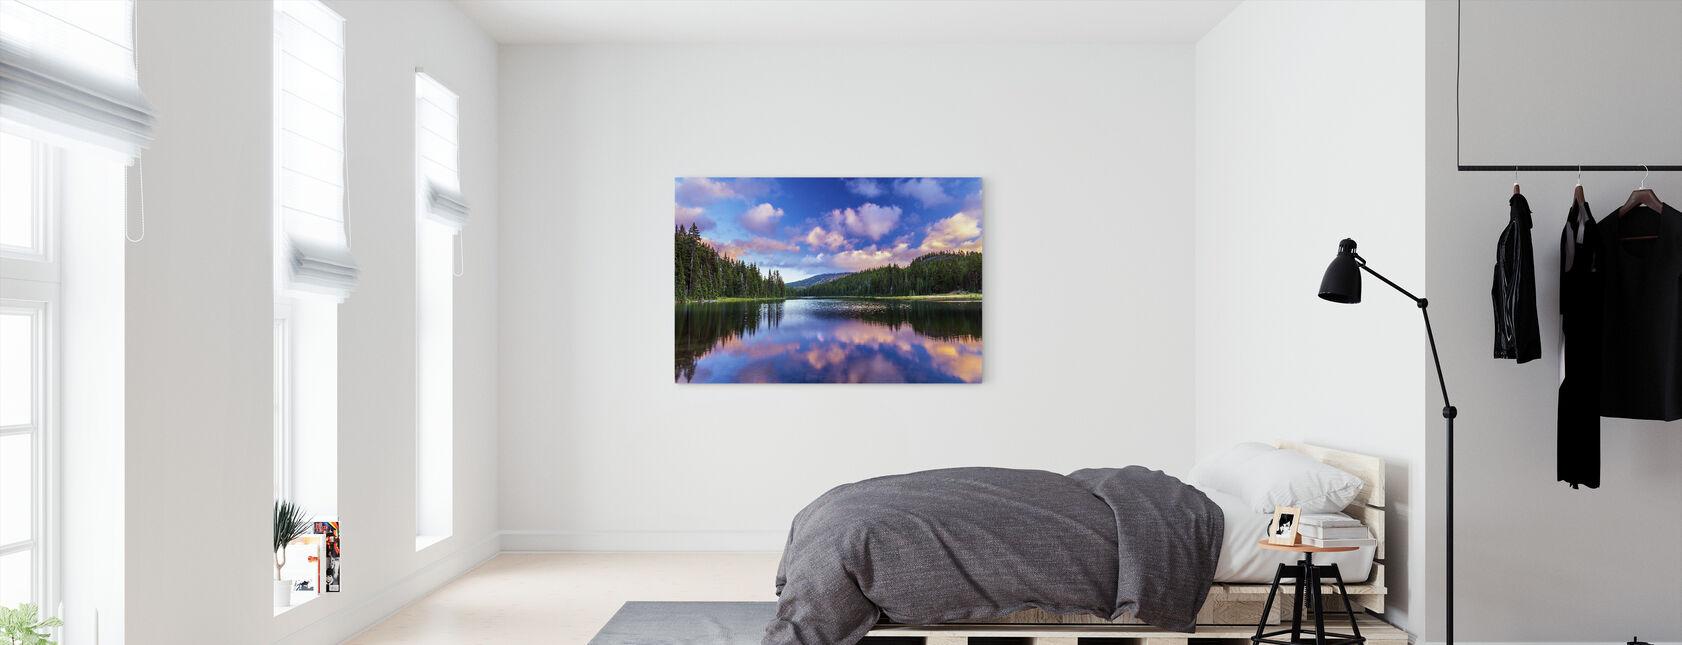 Todd järven mutka - Canvastaulu - Makuuhuone